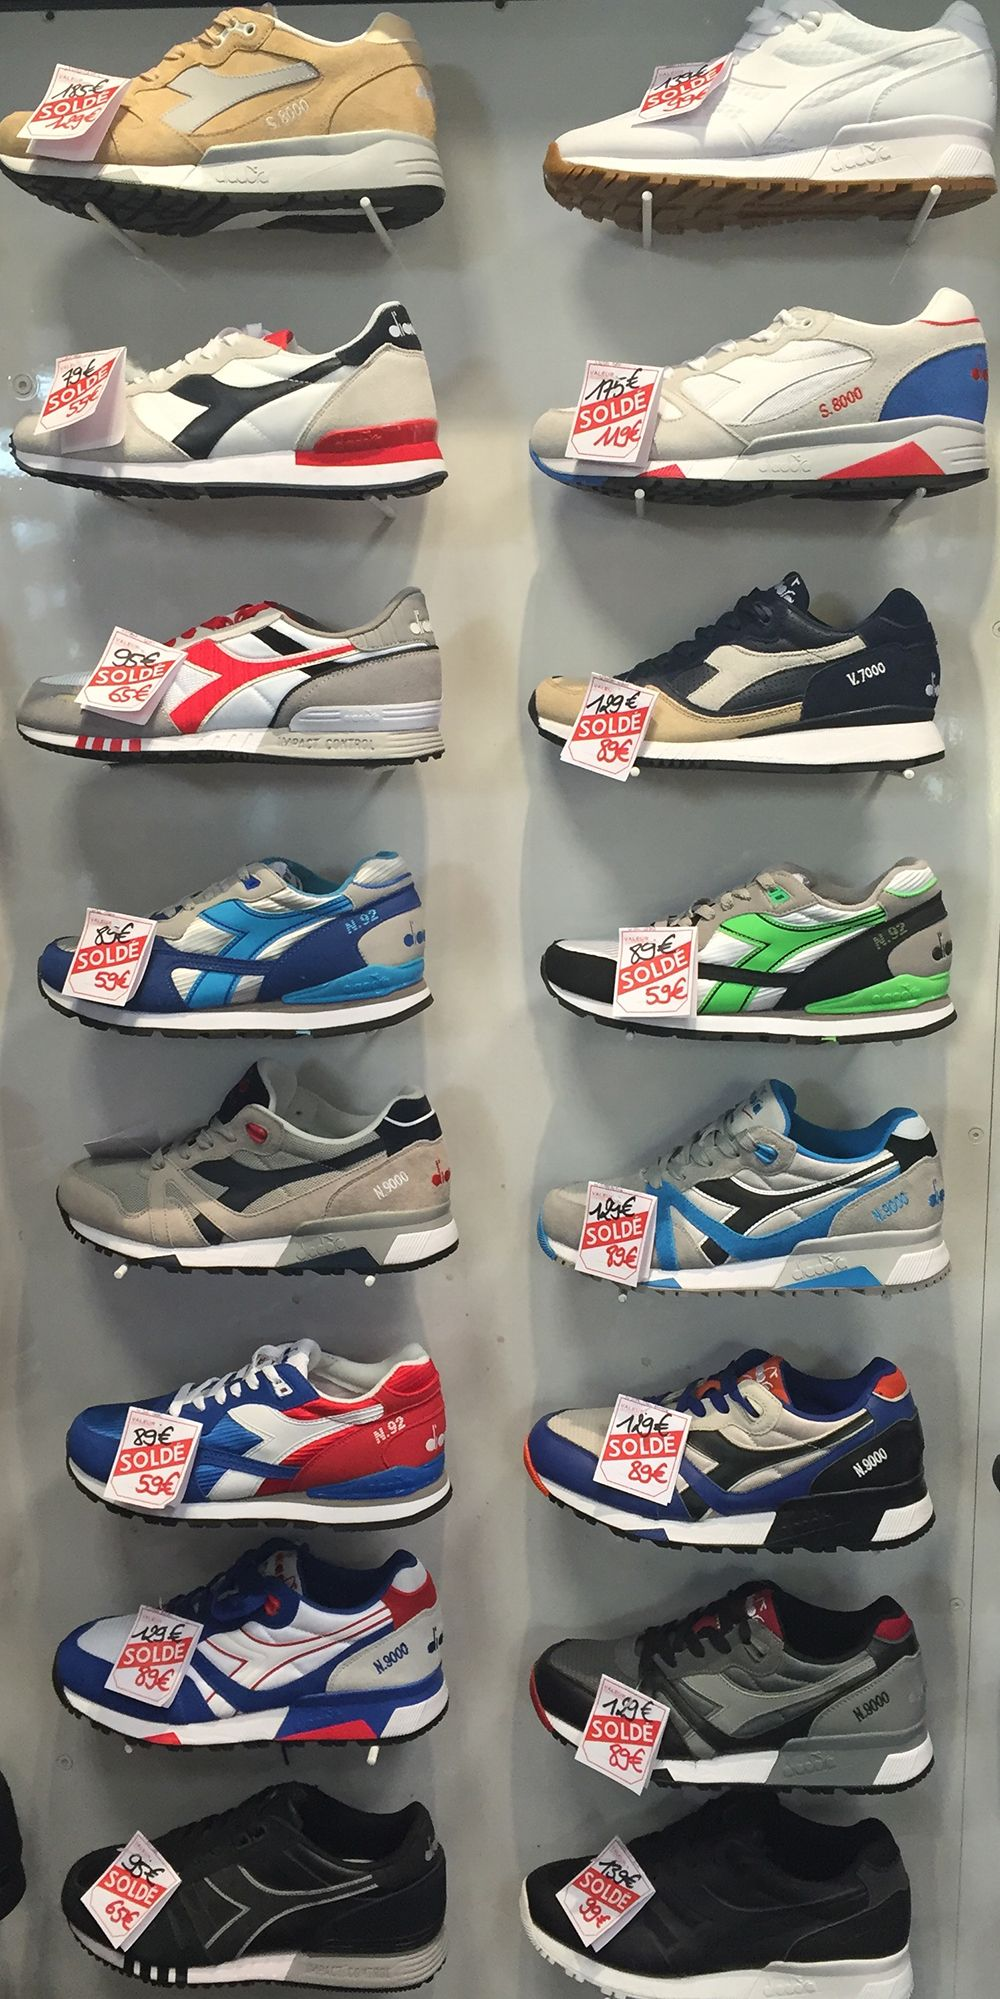 d3cefe16476 Les Sneakers Baskets Diadora pour Homme   Femme sont en soldes chez Parano  Shoes.